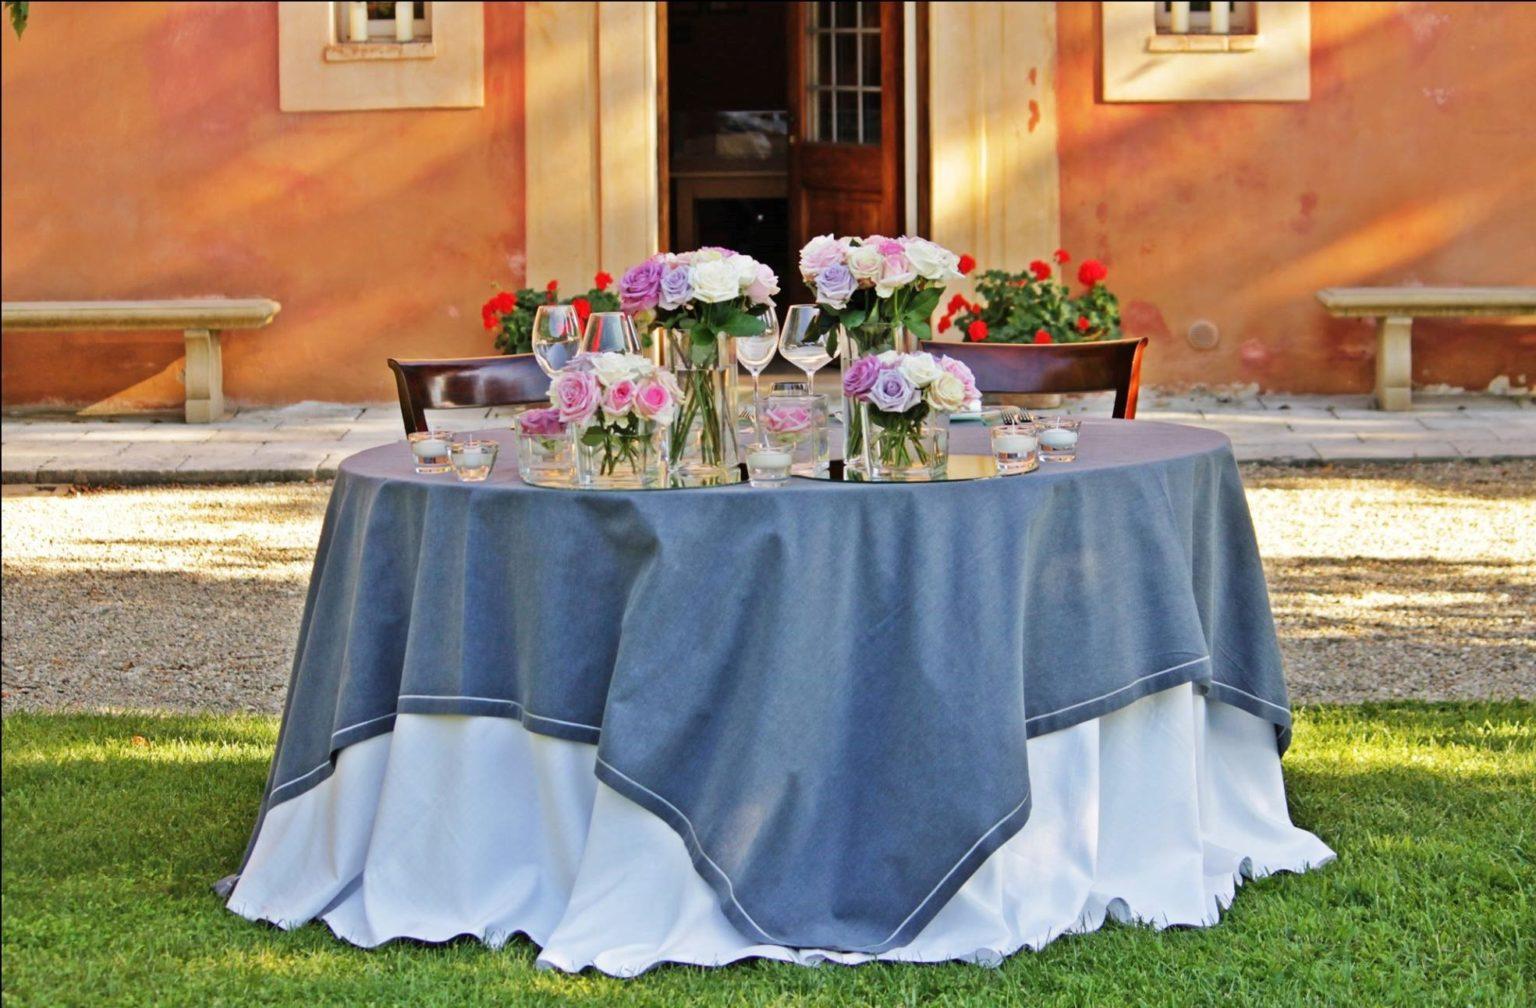 Giorgio Nocciolini Catering & Banqueting Suvereto - 4/0